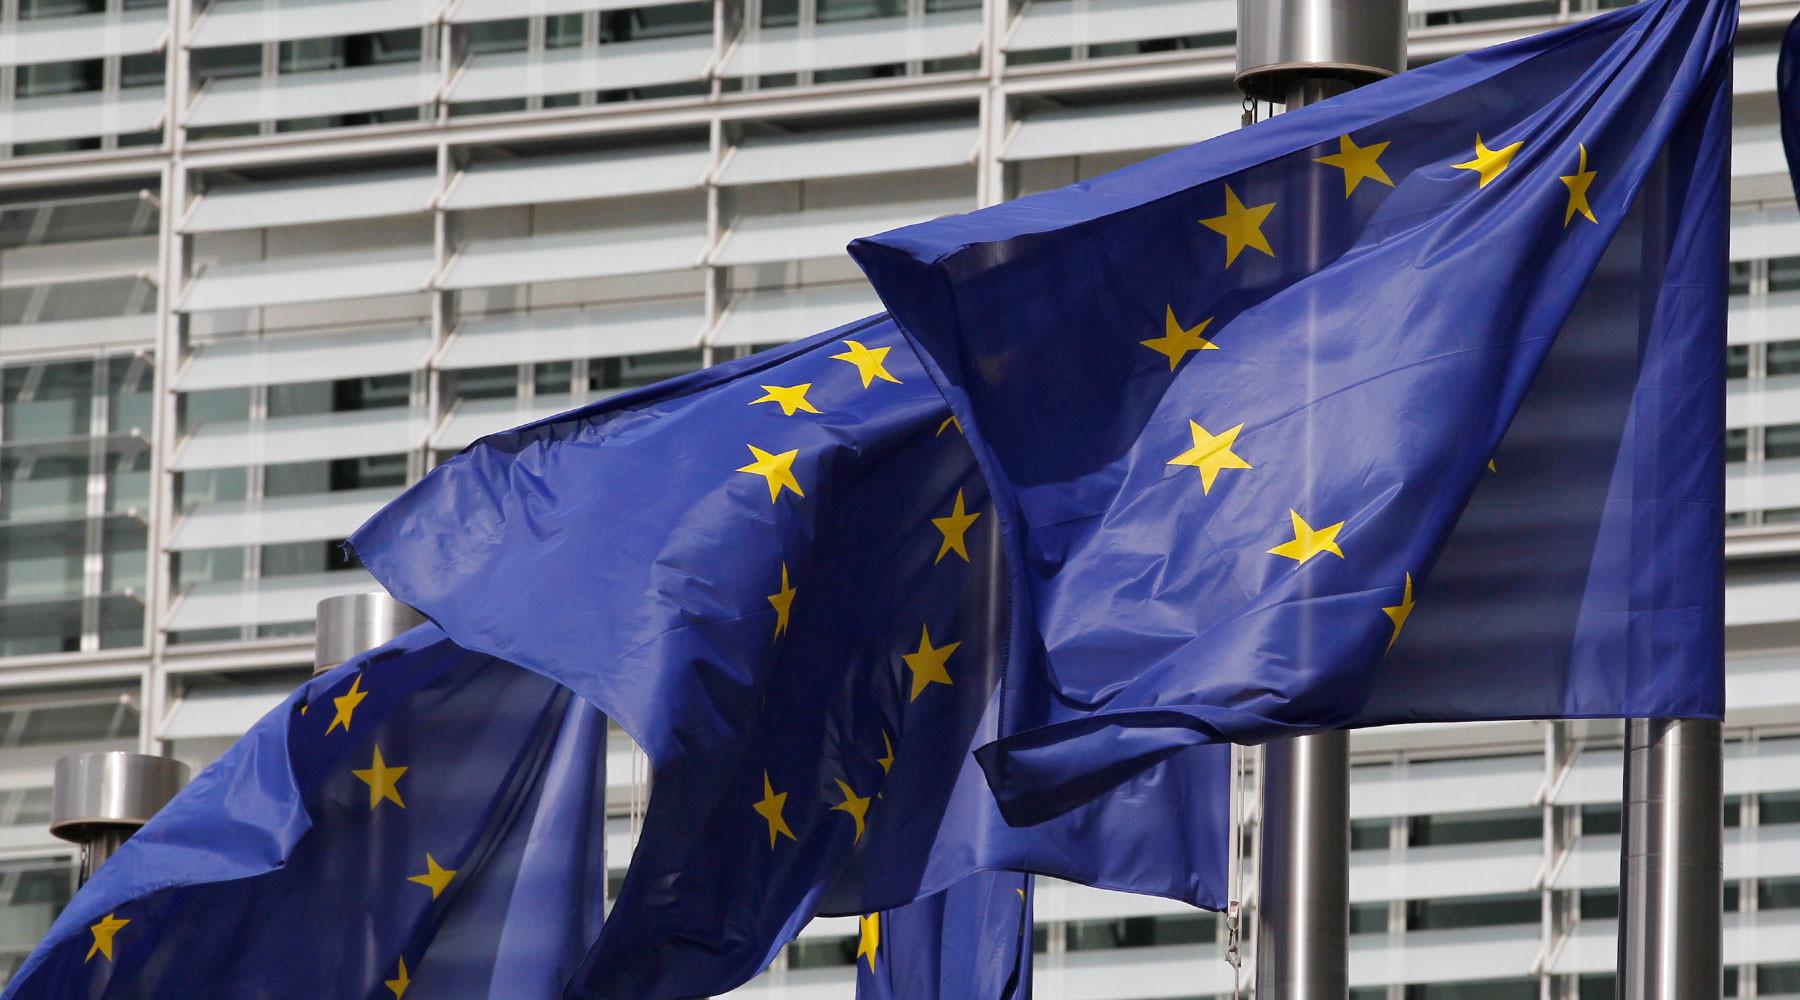 Оборона без границ: к чему приведёт введение «военного шенгена» в Европе